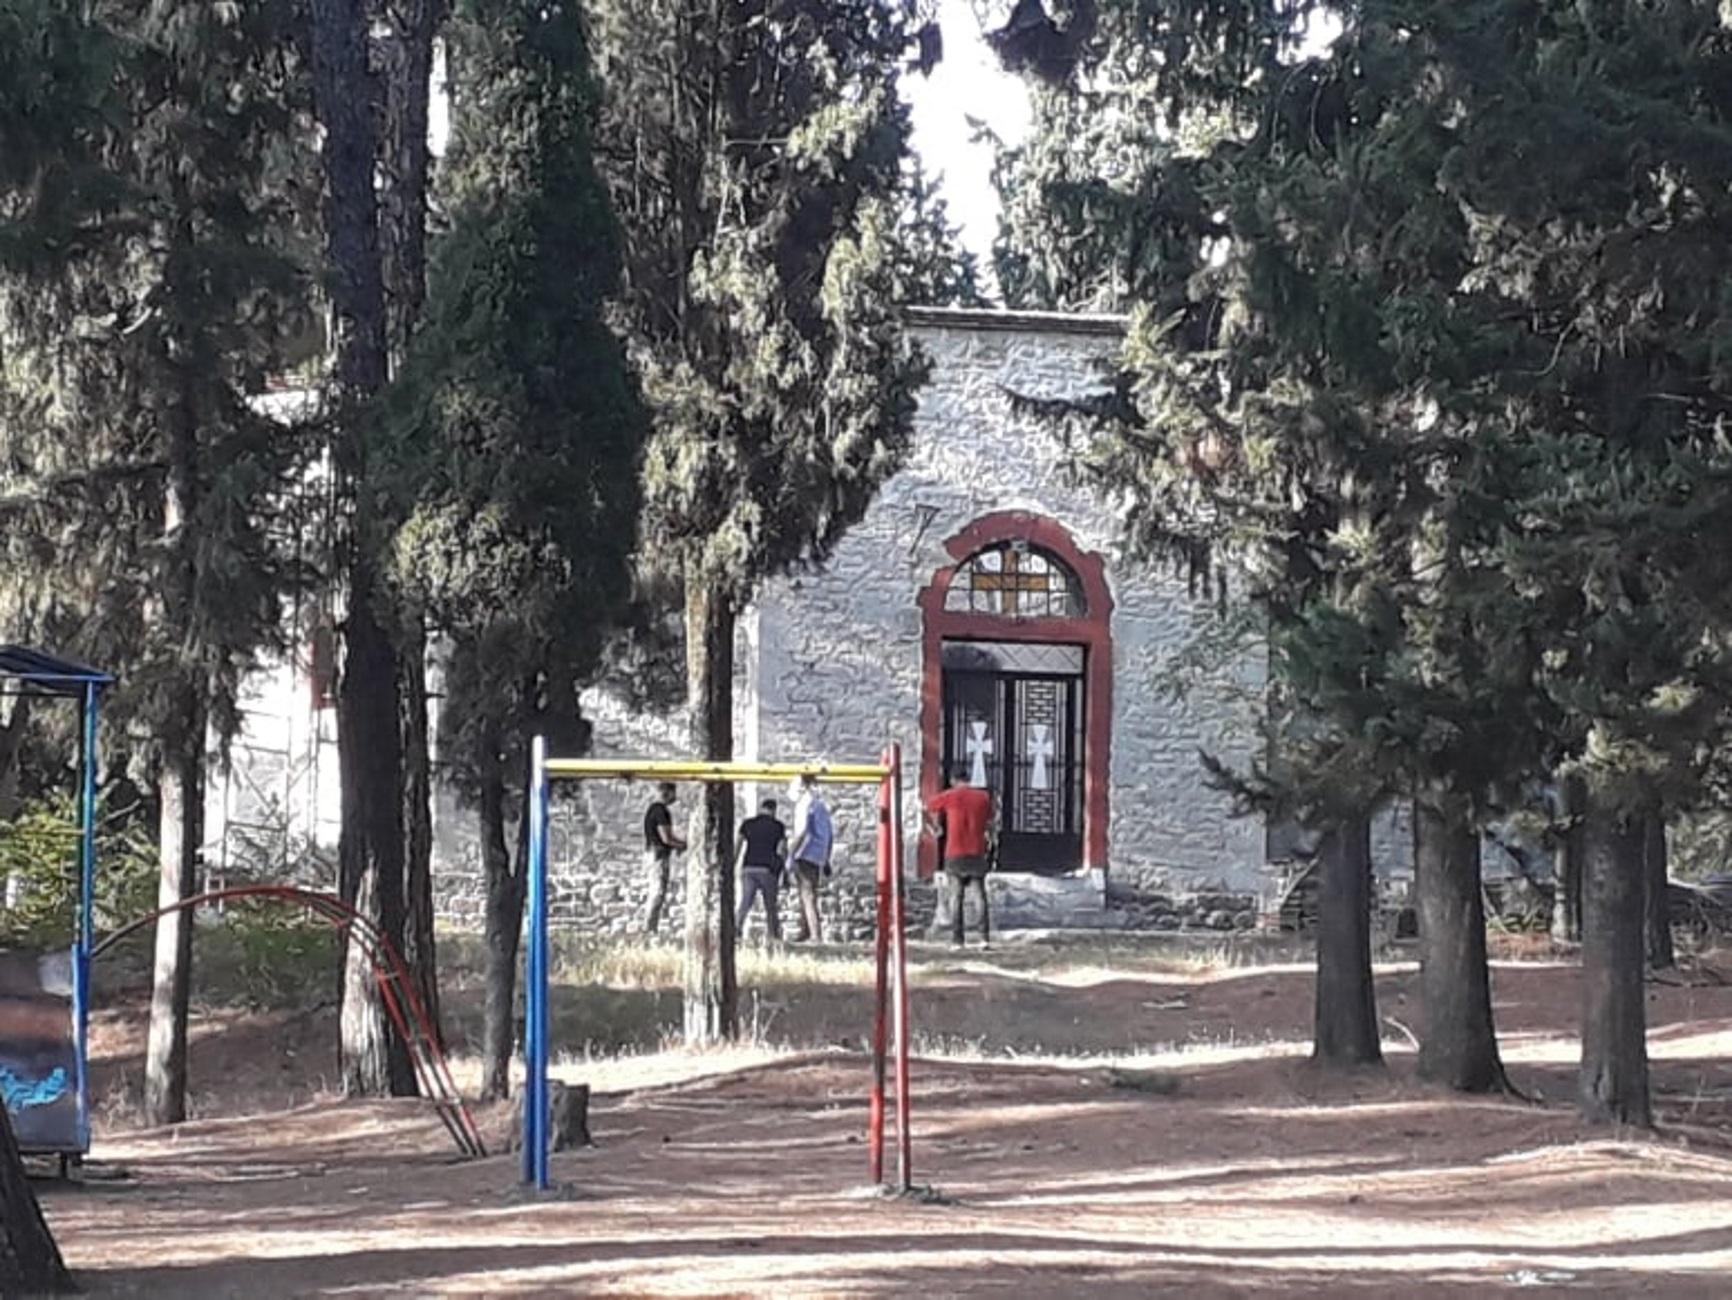 """Τρίκαλα: Ξεσπούν οι συγγενείς της 16χρονης Μαρίας που βρέθηκε νεκρή έξω από εκκλησία! """"Σκότωσαν το παιδί μας"""""""